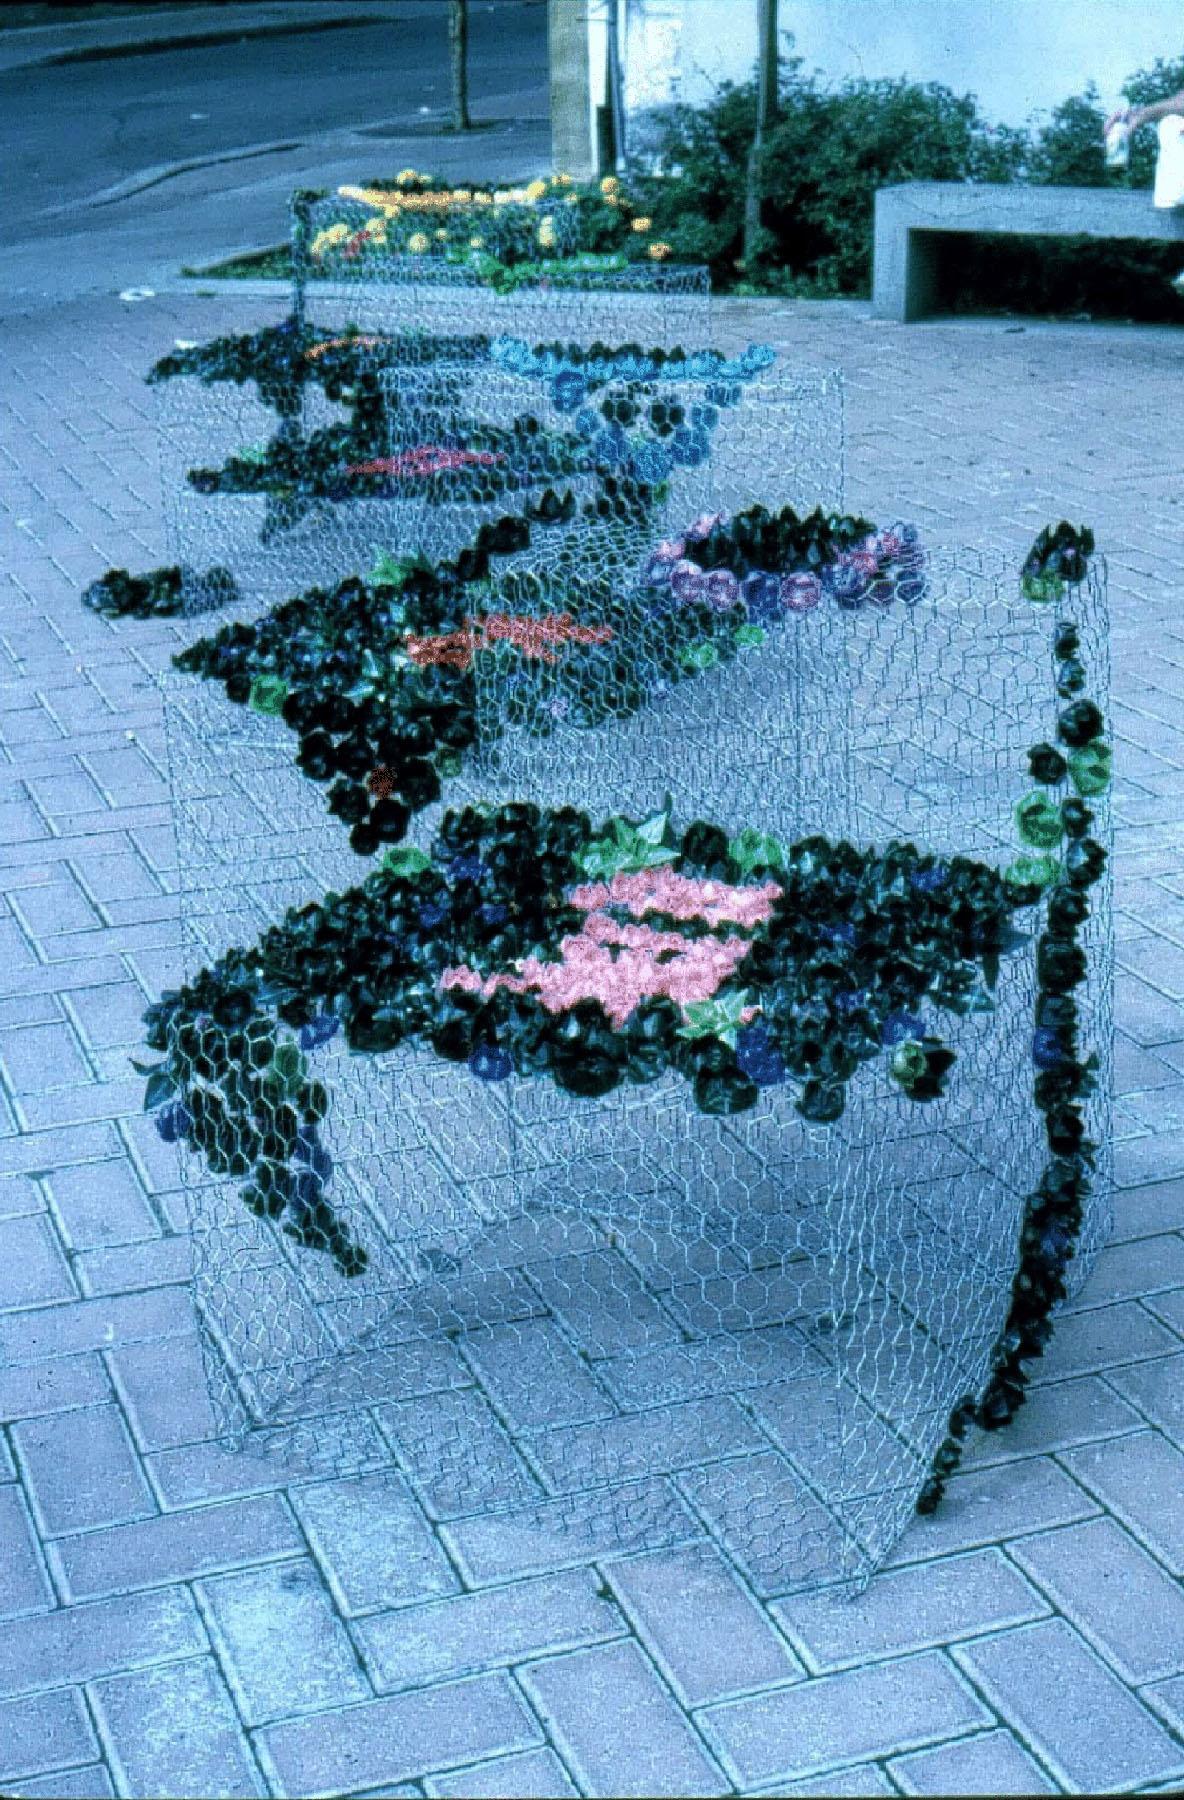 Œuvre artistique sur une place publique.